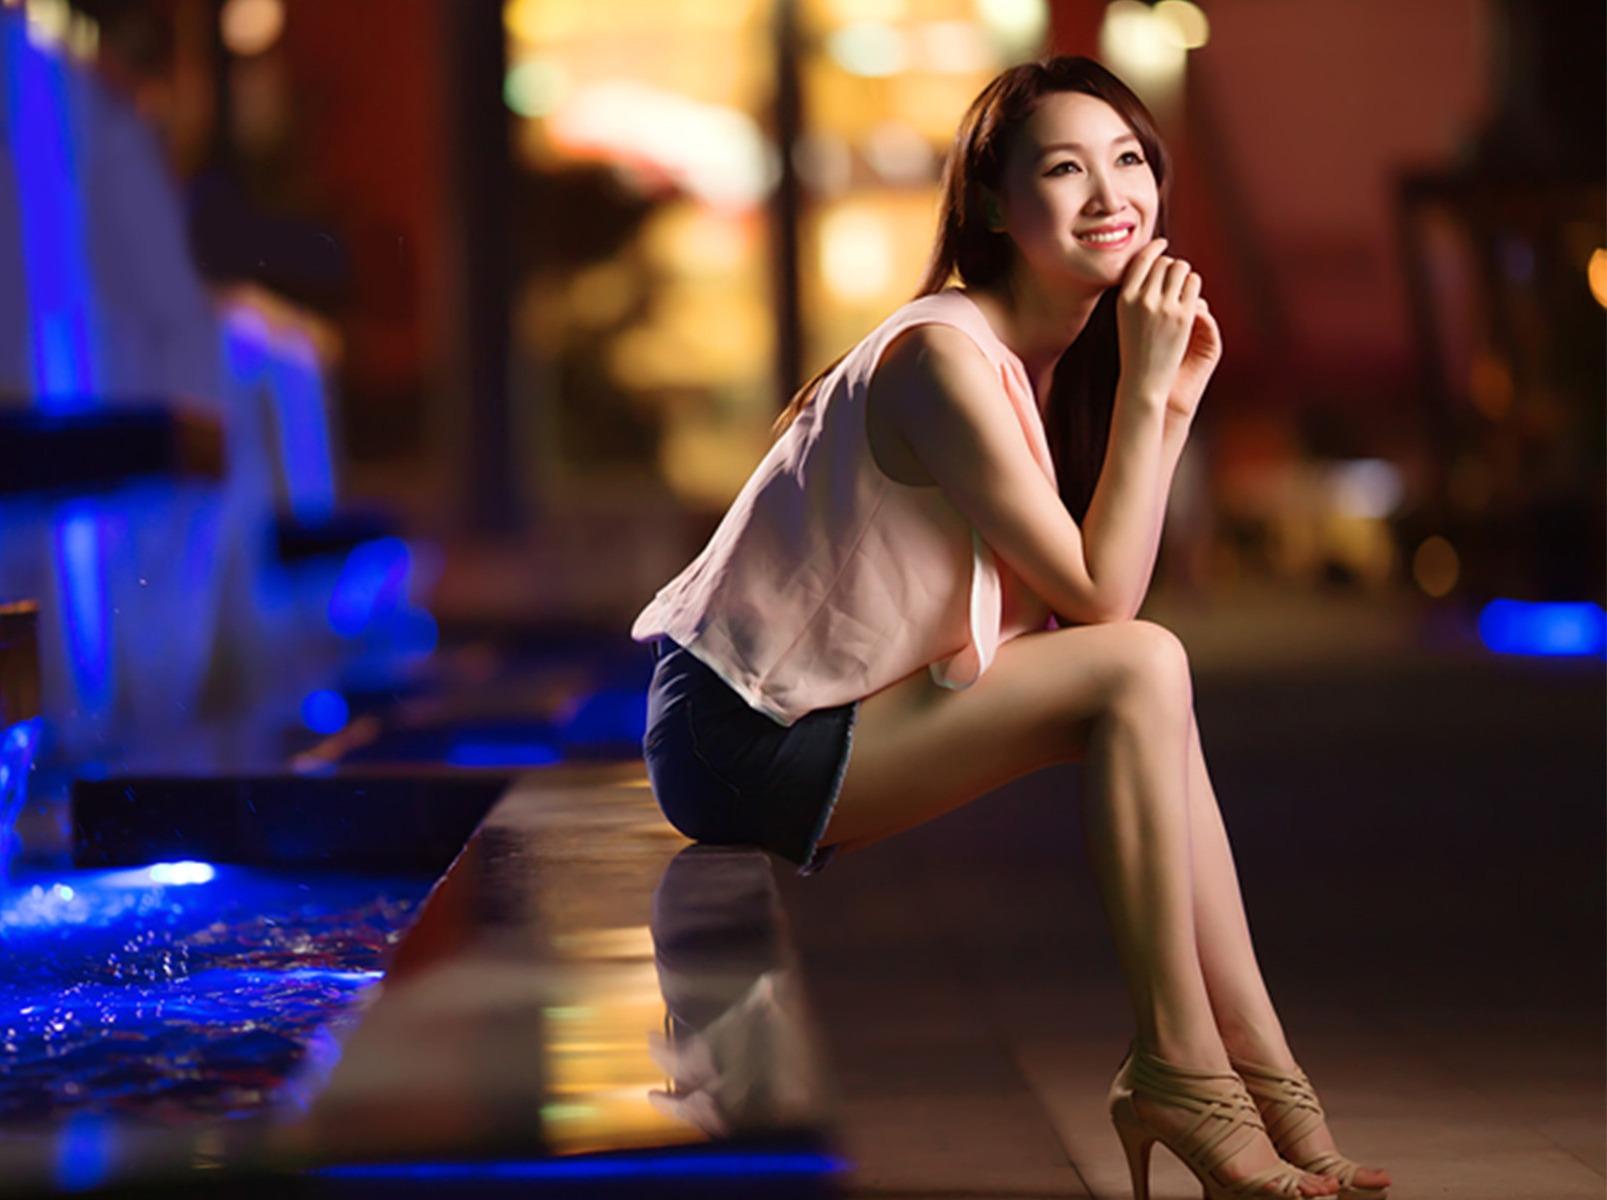 人像夜景主题,深圳九方广场拍摄